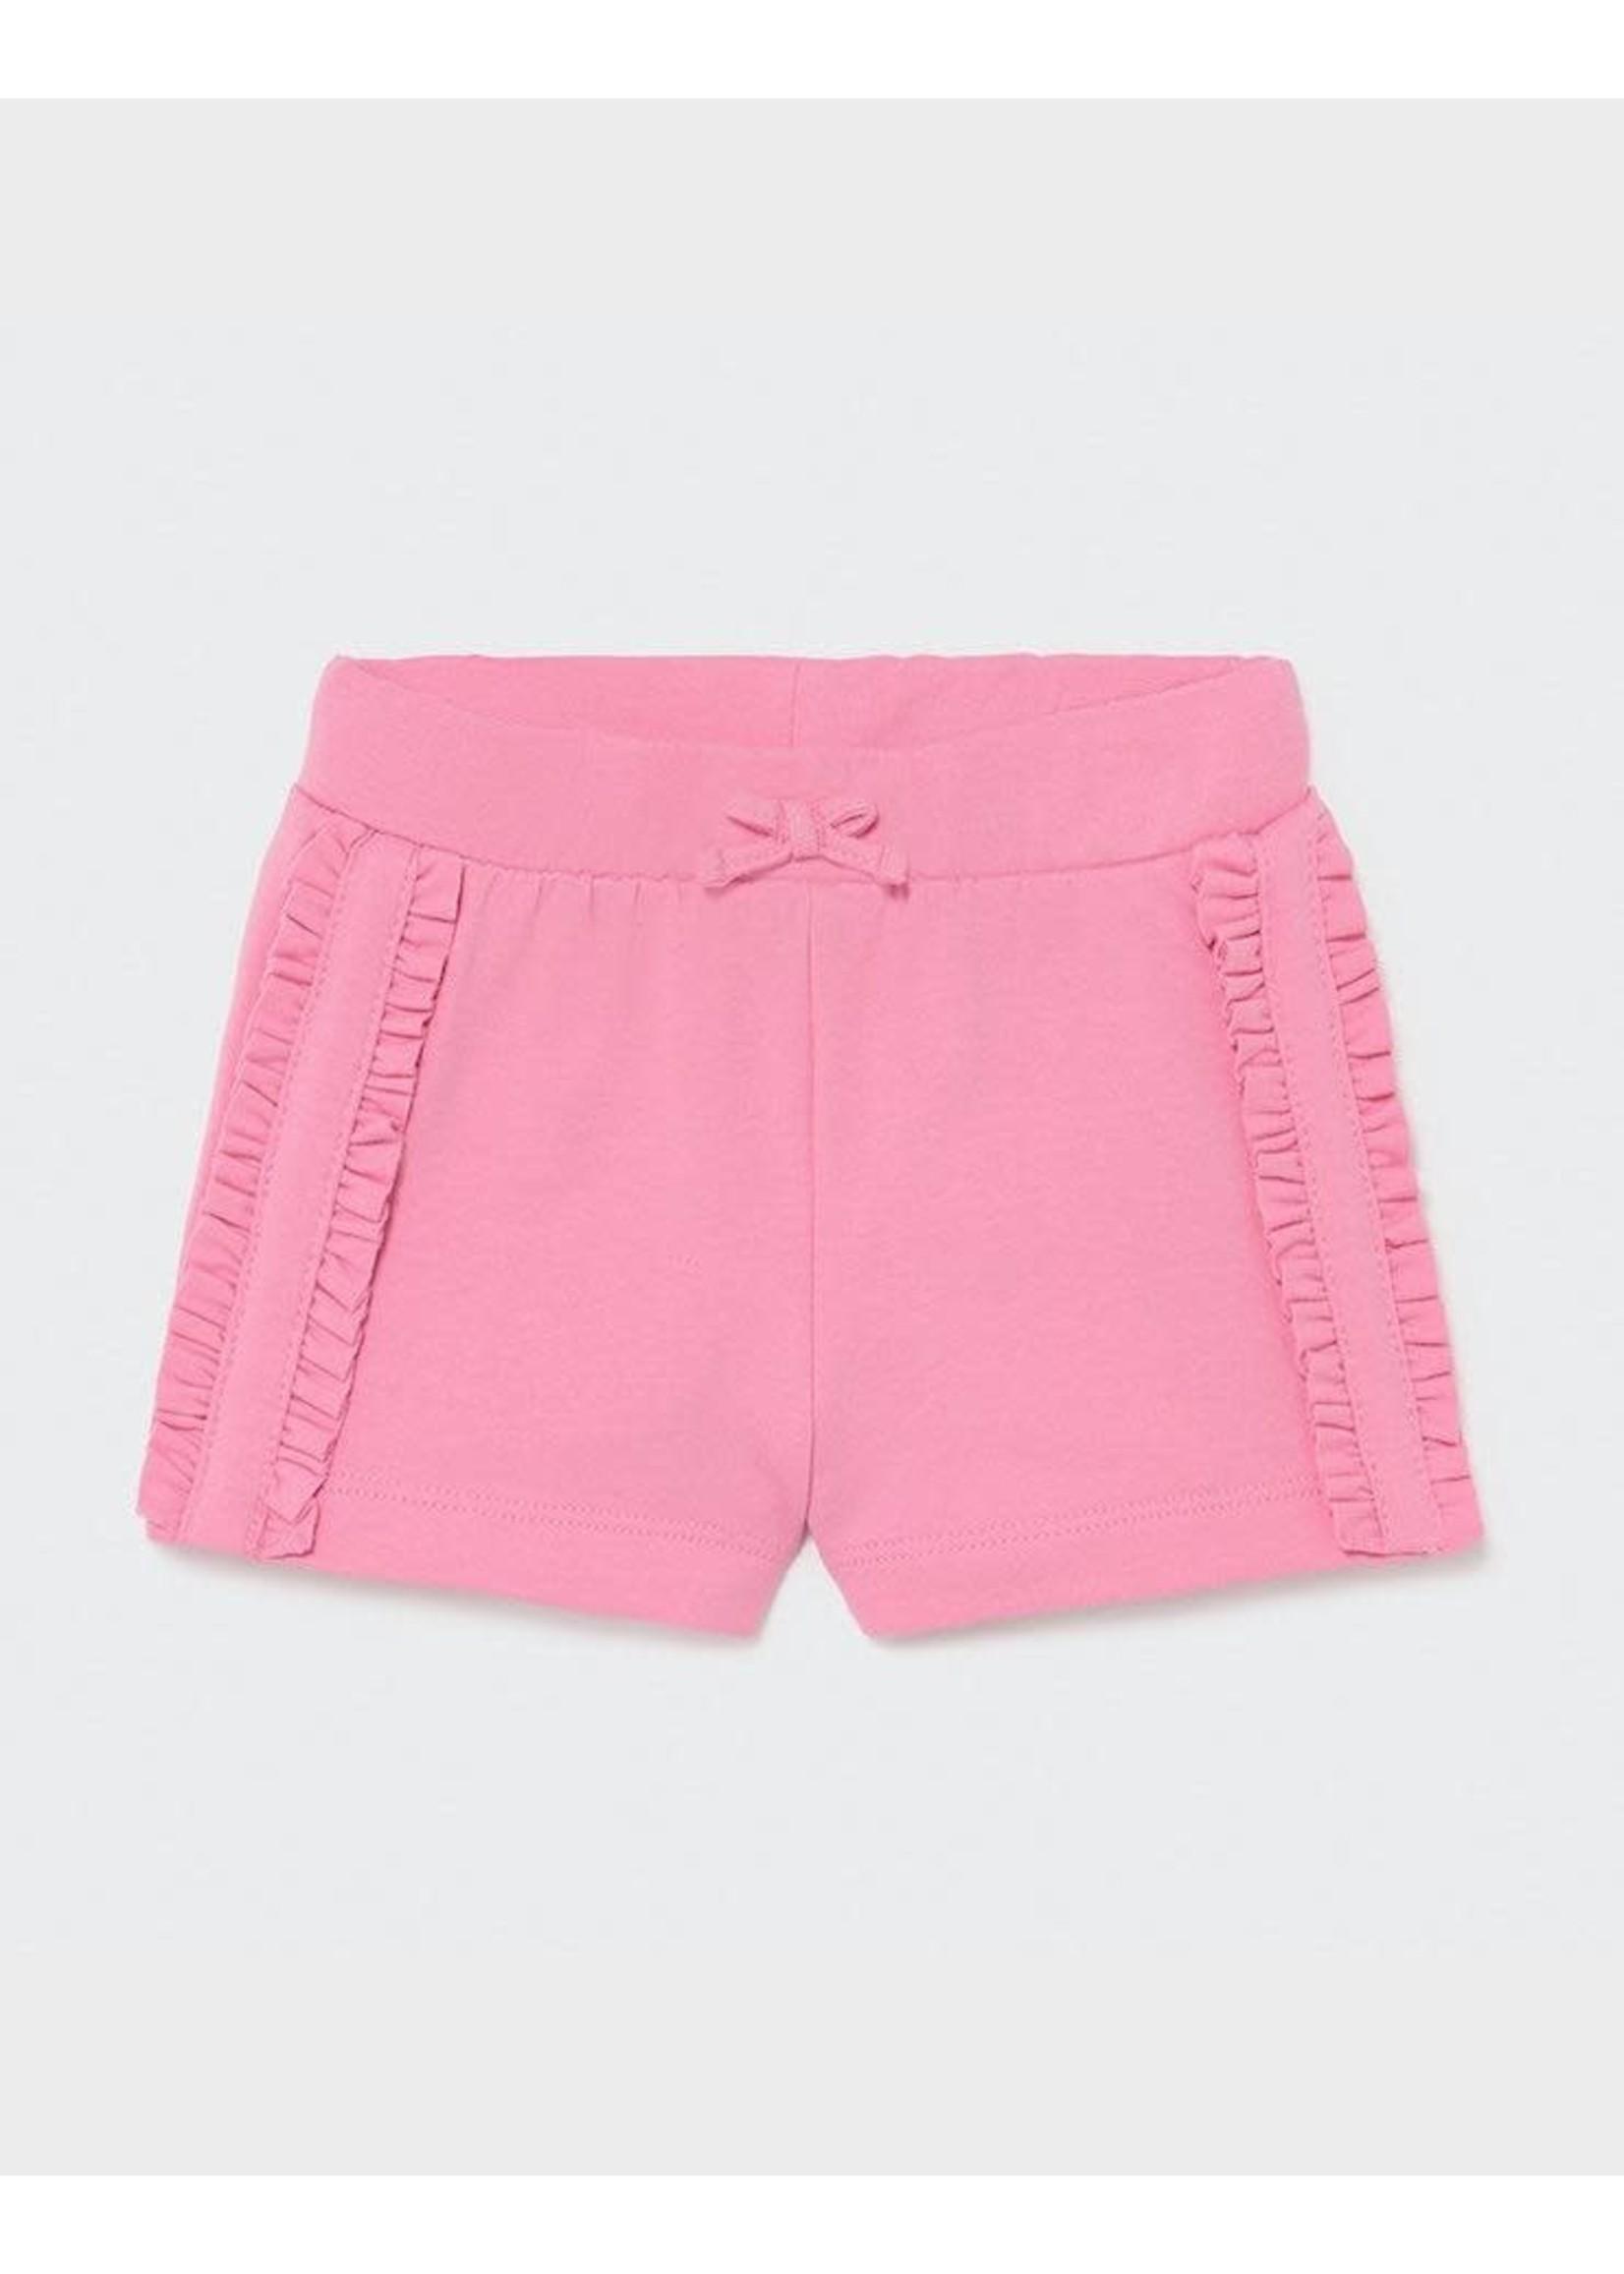 Mayoral Mayoral, Camellia Ruffled Baby Shorts